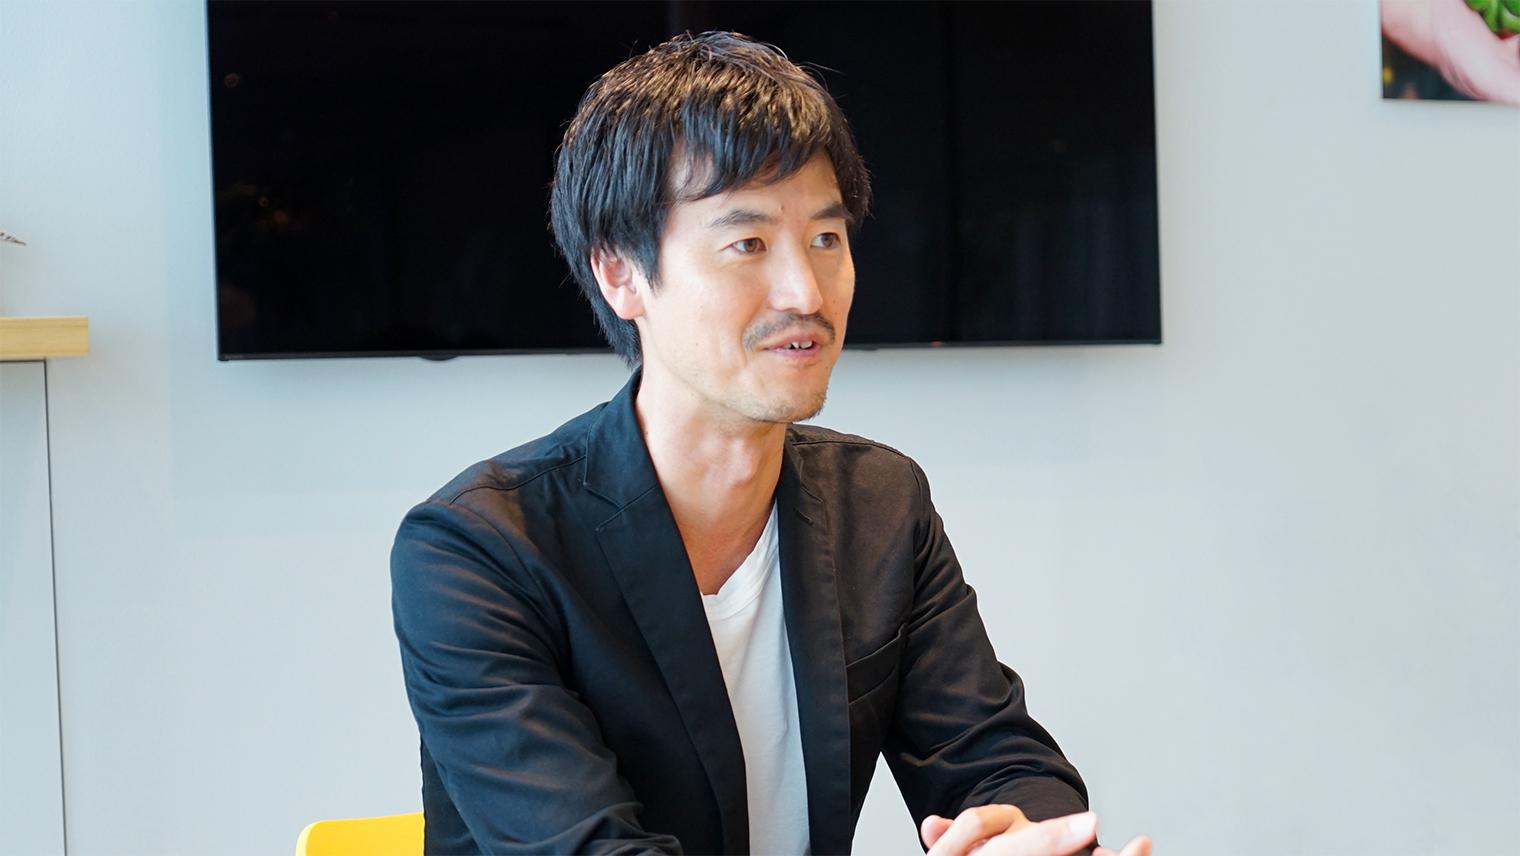 伊藤陽一 ソニー株式会社 Startup Acceleration部 「REON POCKET」プロジェクトリーダー